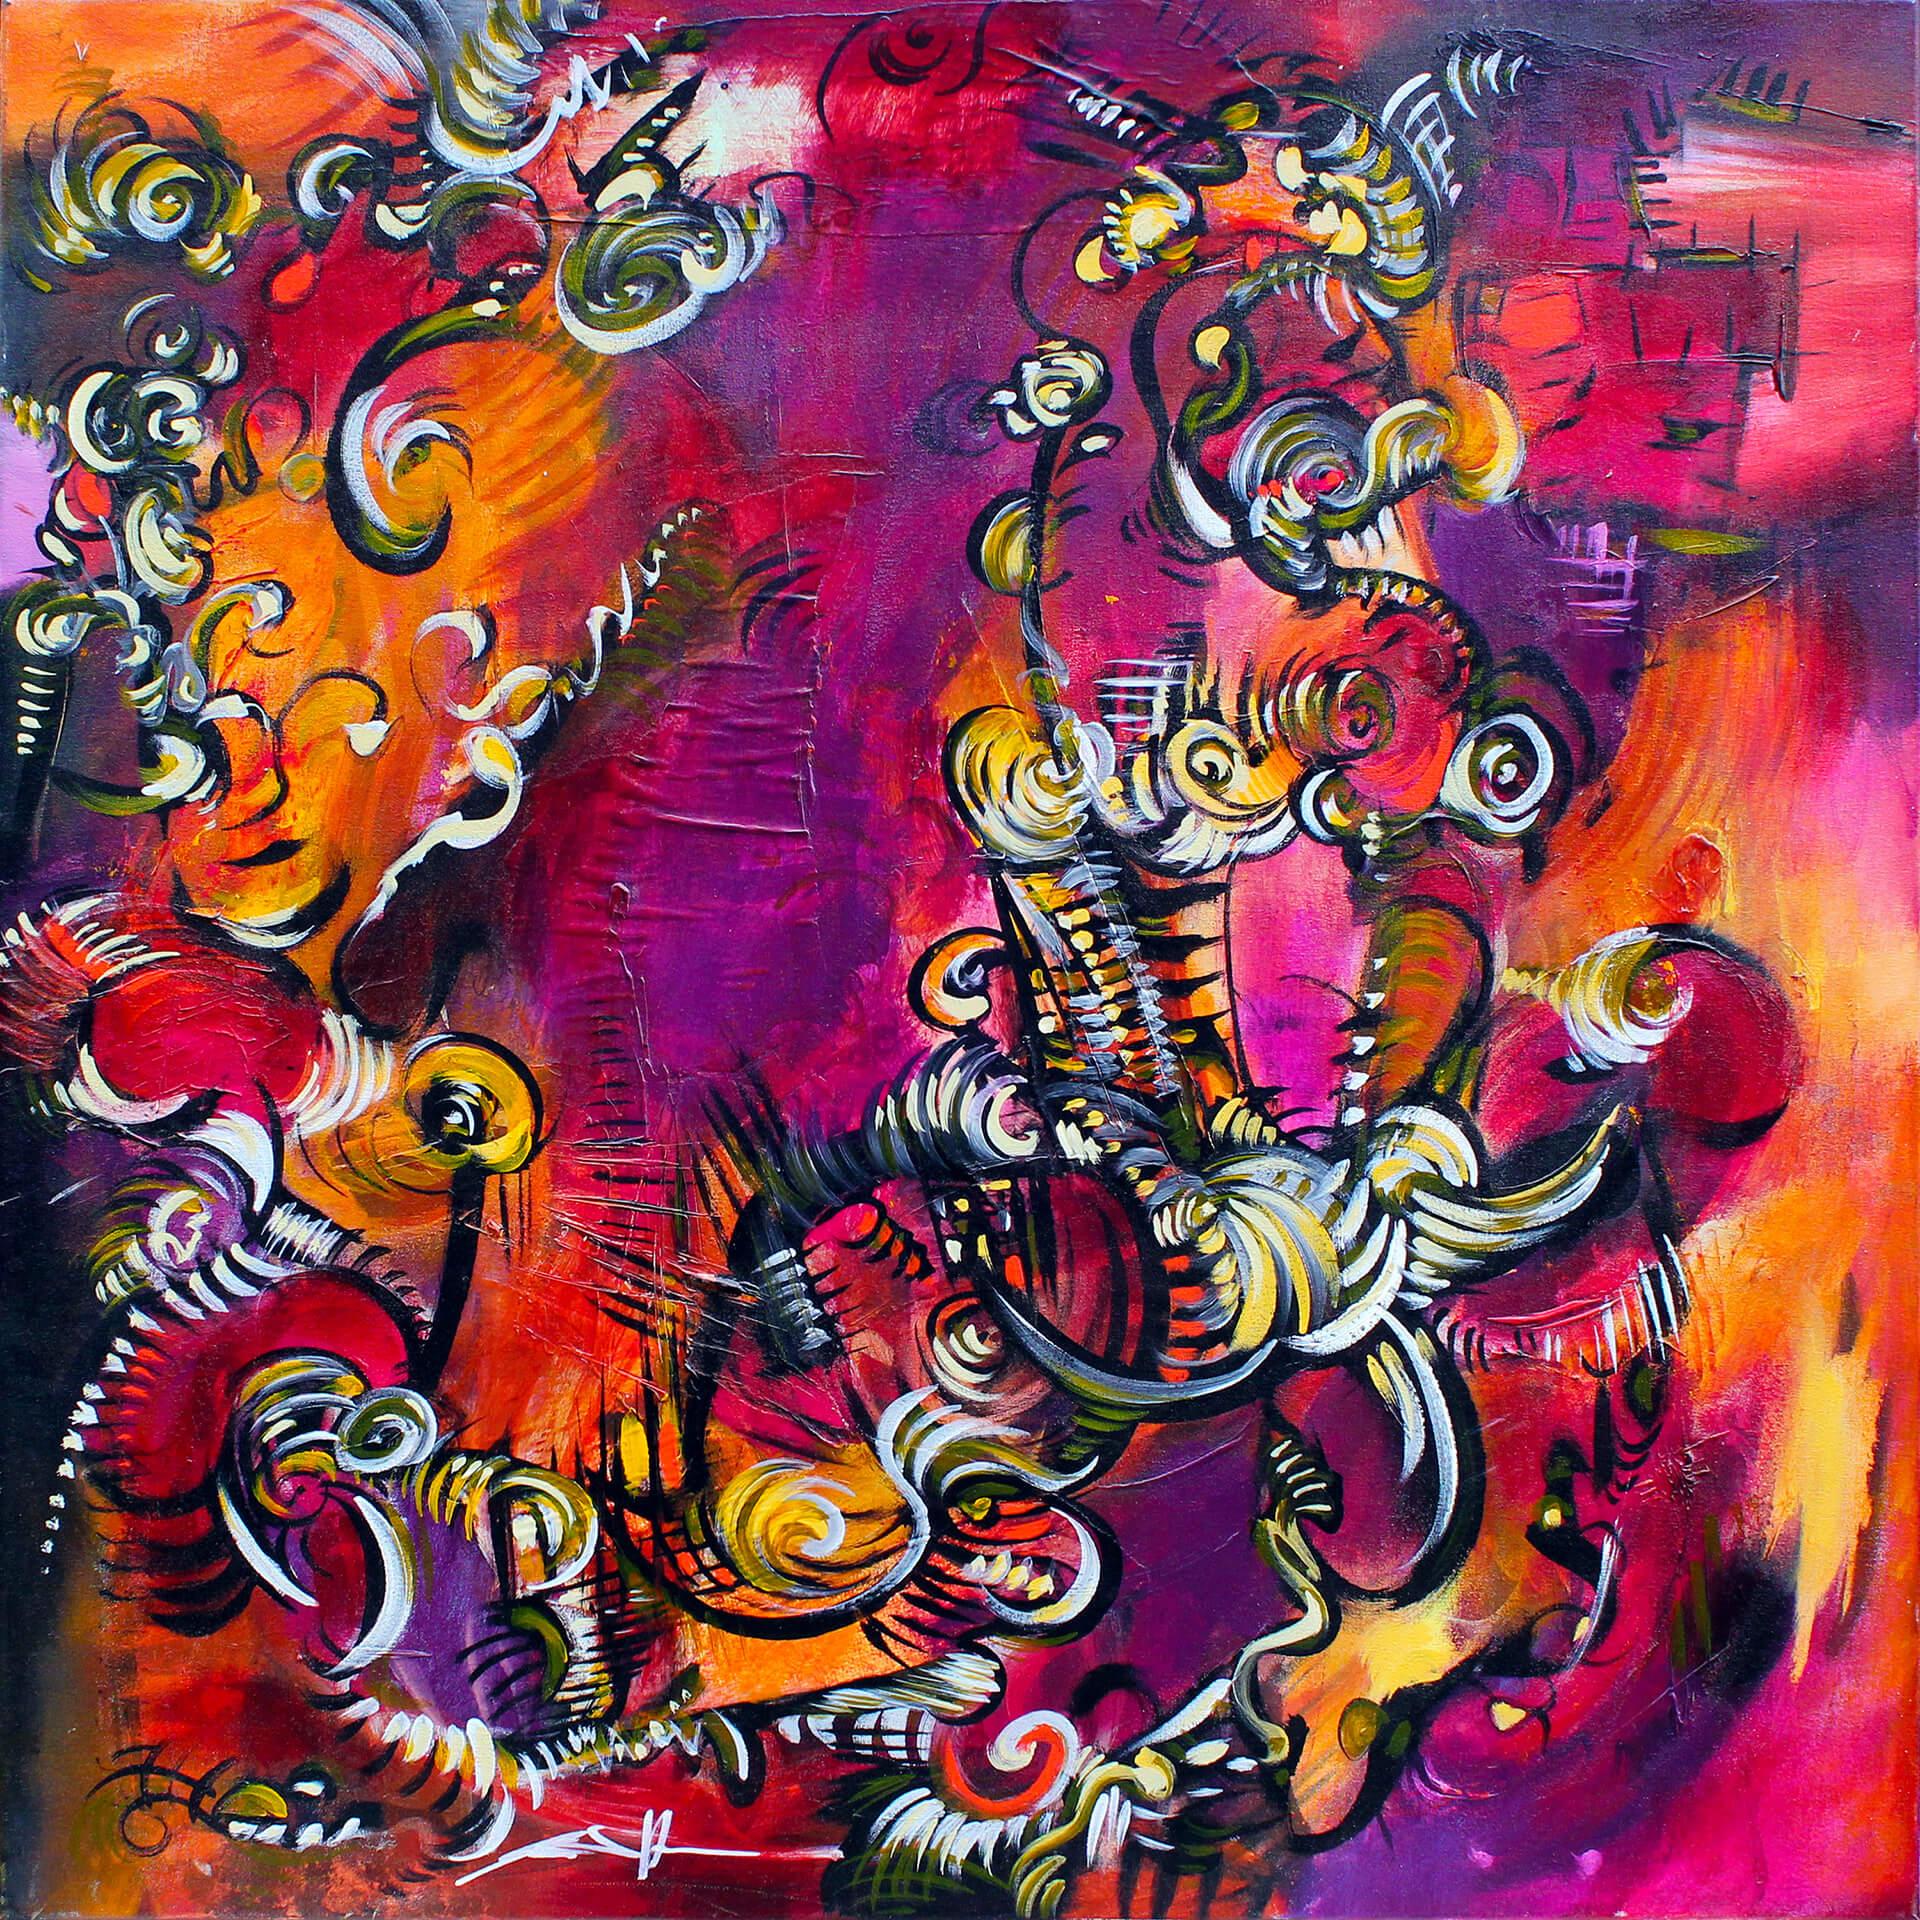 art-eric-j-hughes-artiste-peintre-canadien-tableau-delirium-danse-du-phoenix